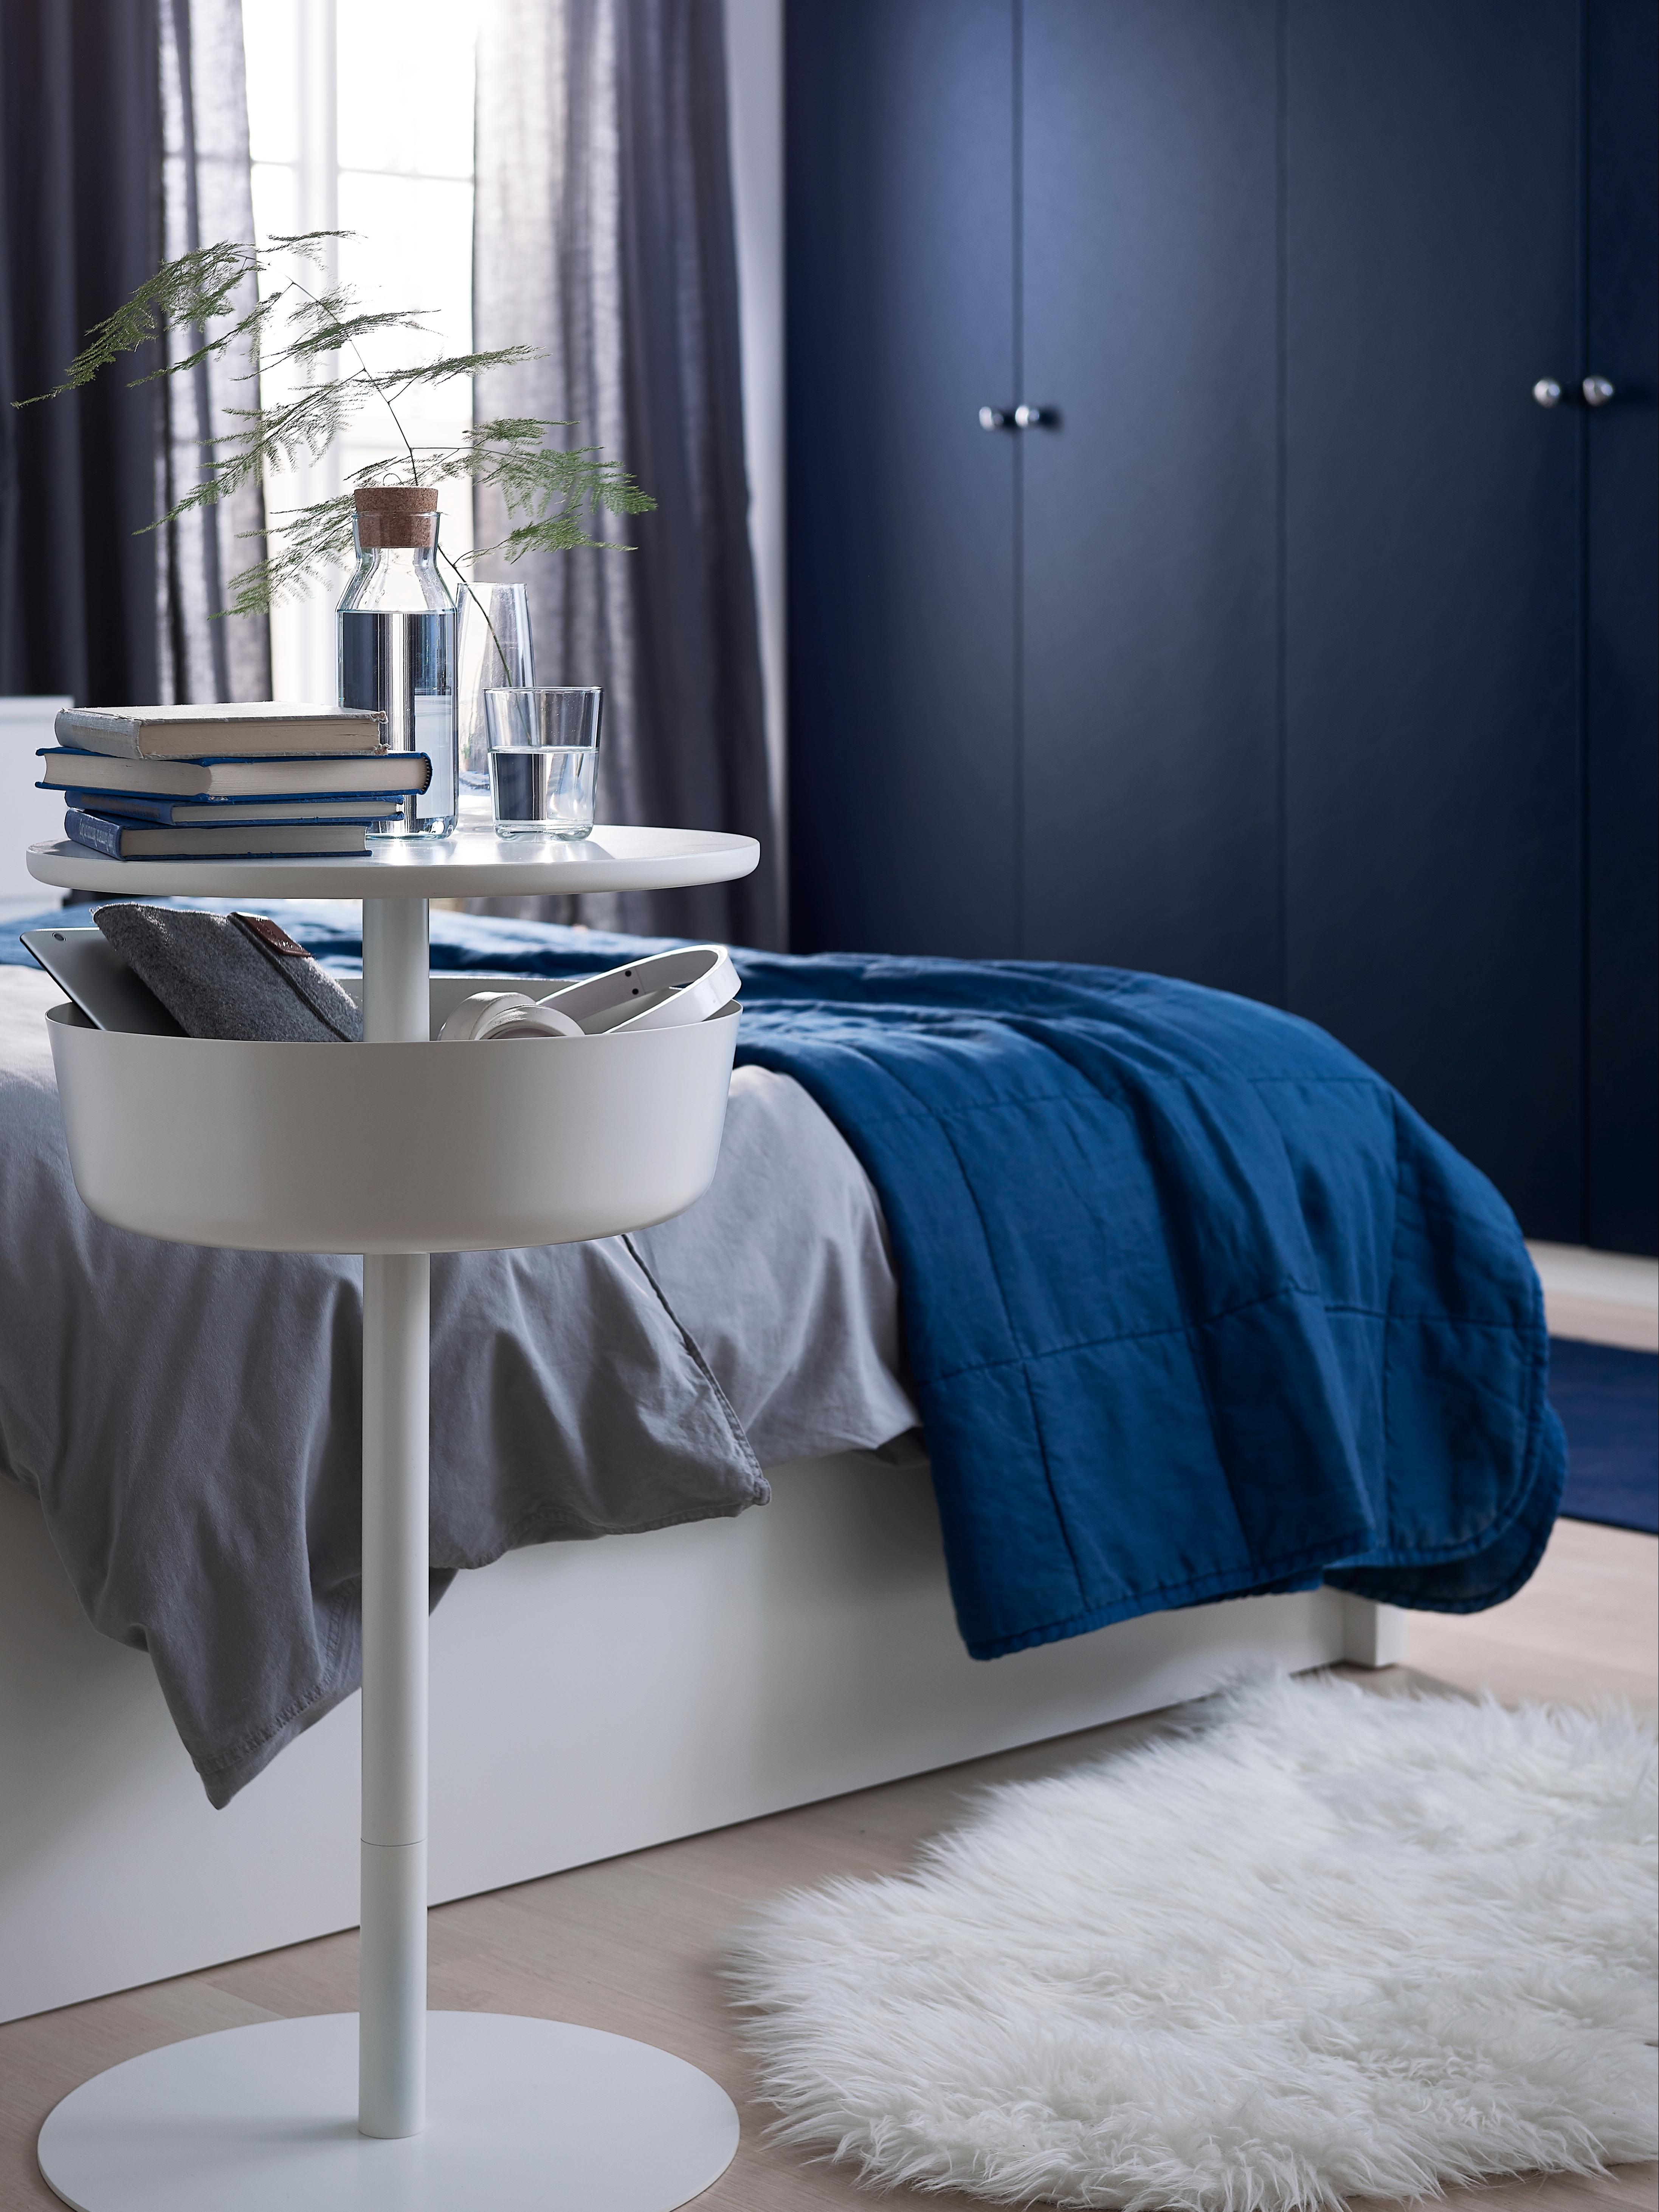 Comodino LIERSKOGEN bianco con piedistallo, piano rotondo e contenitore integrato, posizionato vicino a un letto.